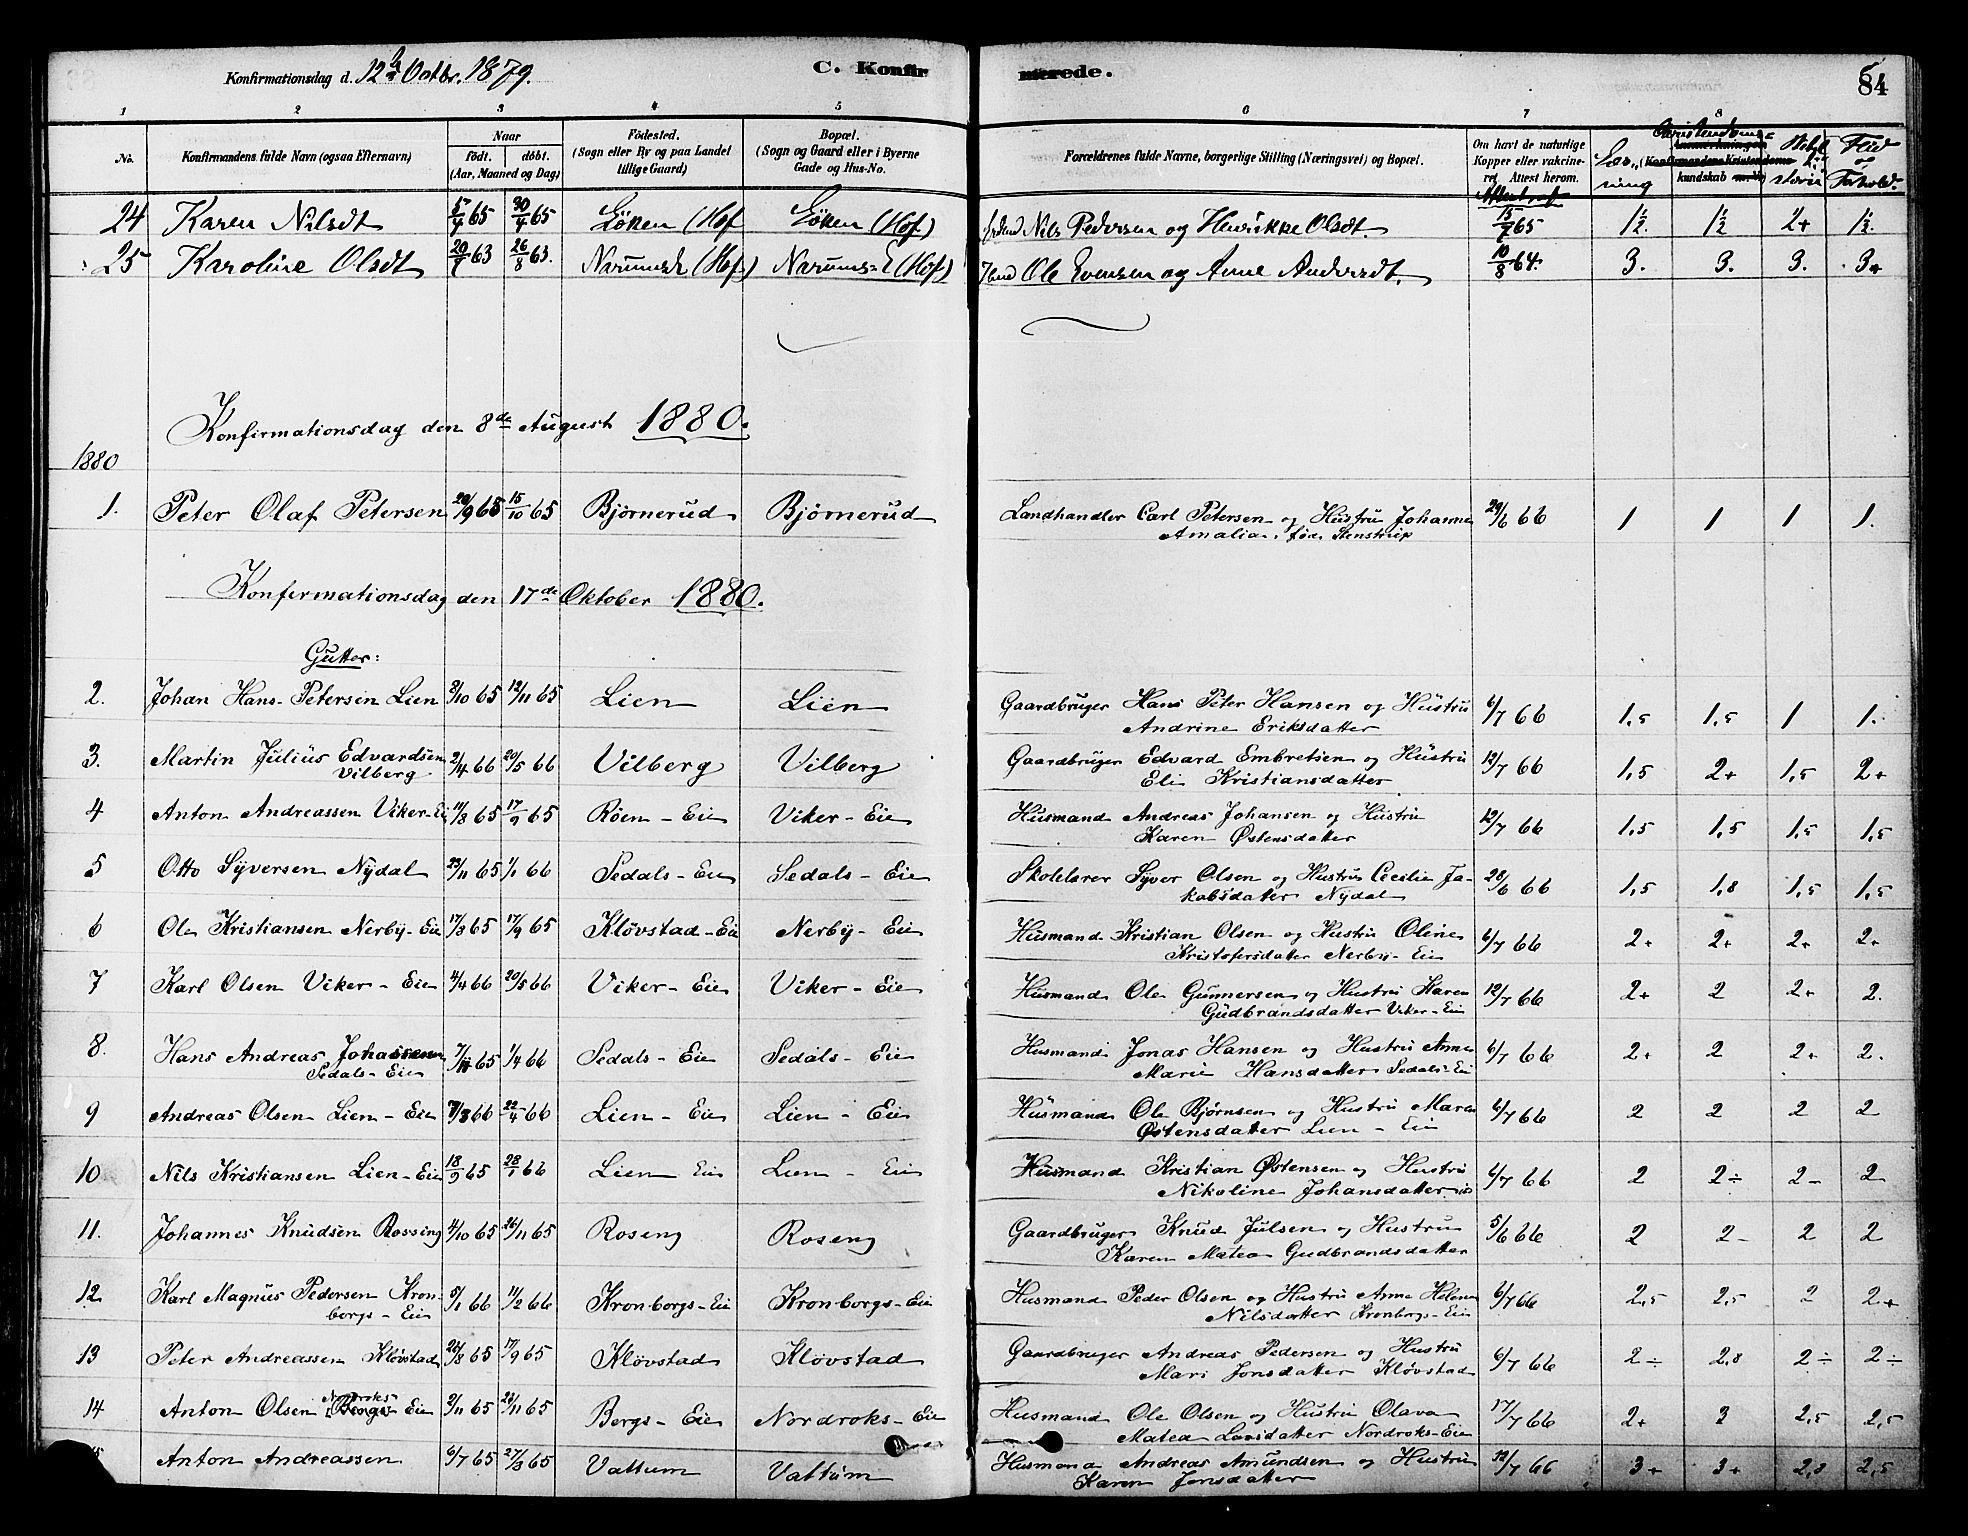 SAH, Søndre Land prestekontor, K/L0002: Ministerialbok nr. 2, 1878-1894, s. 84